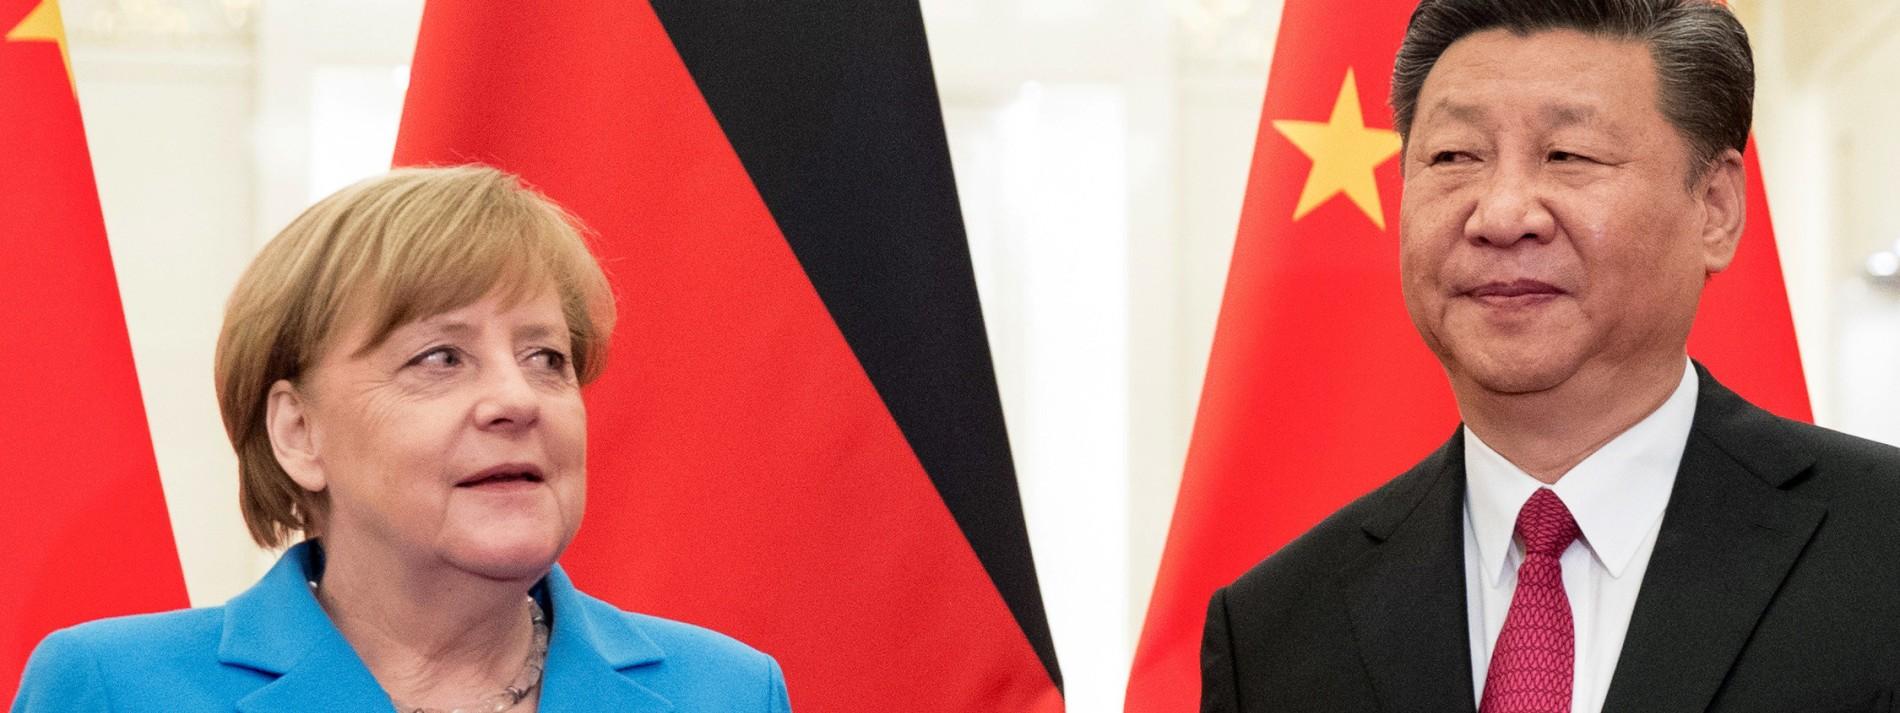 Das Merkel-Maas-Vakuum füllen